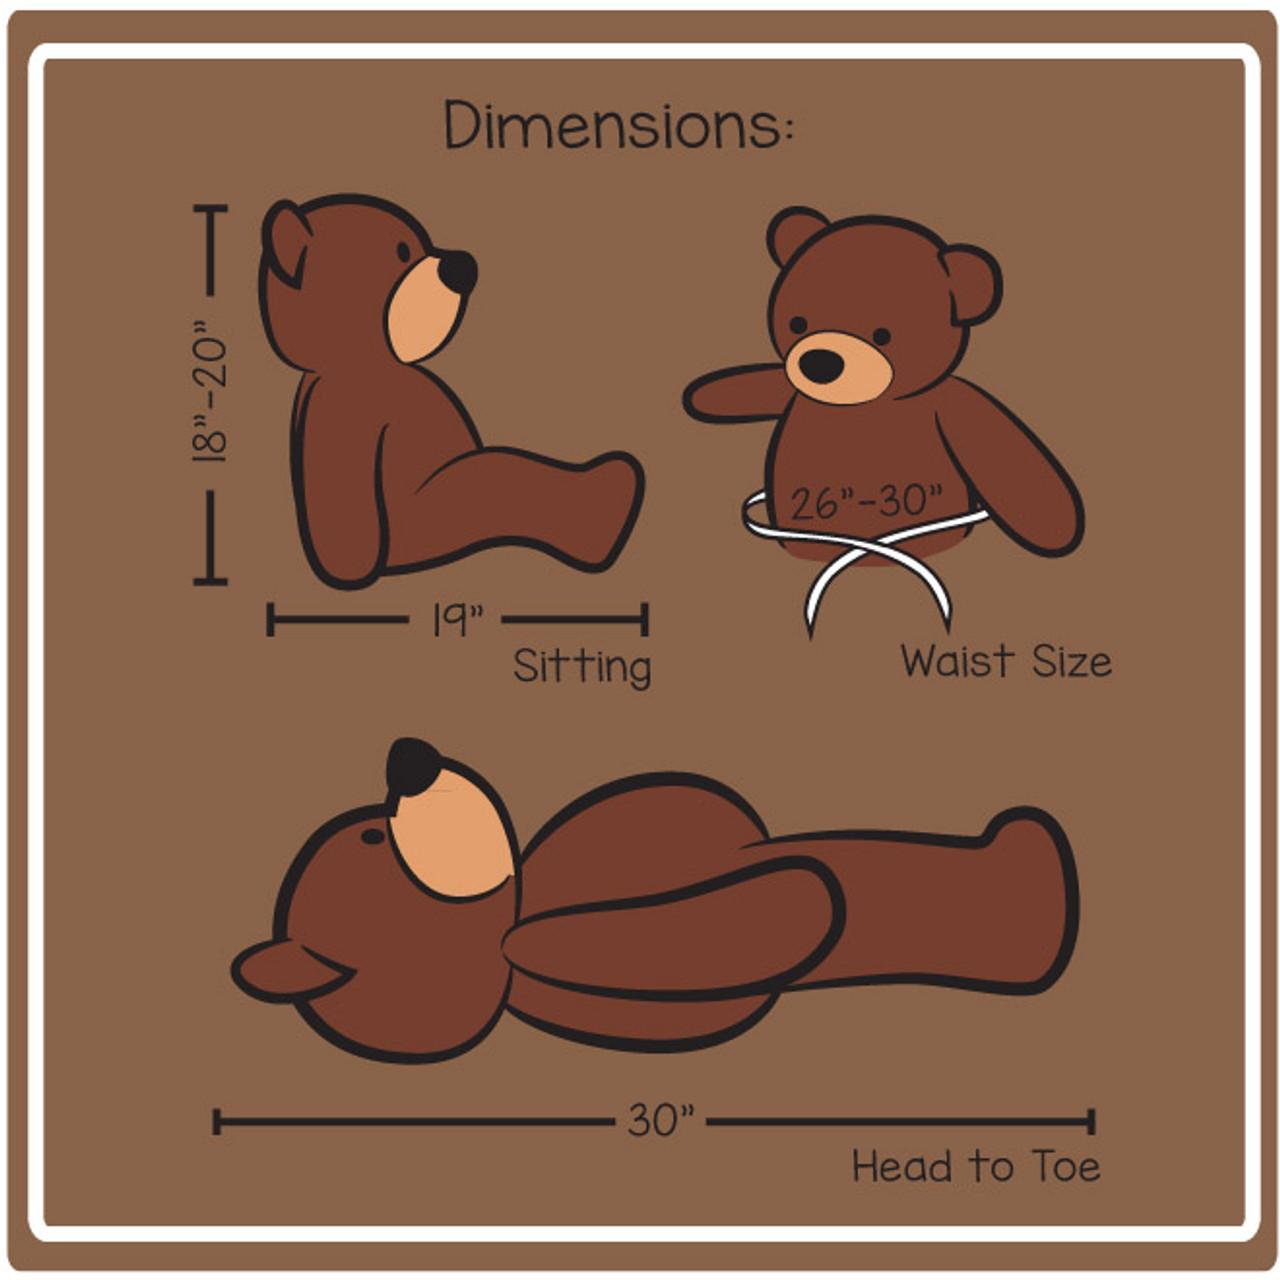 30 Inch Cuddles Dimensions